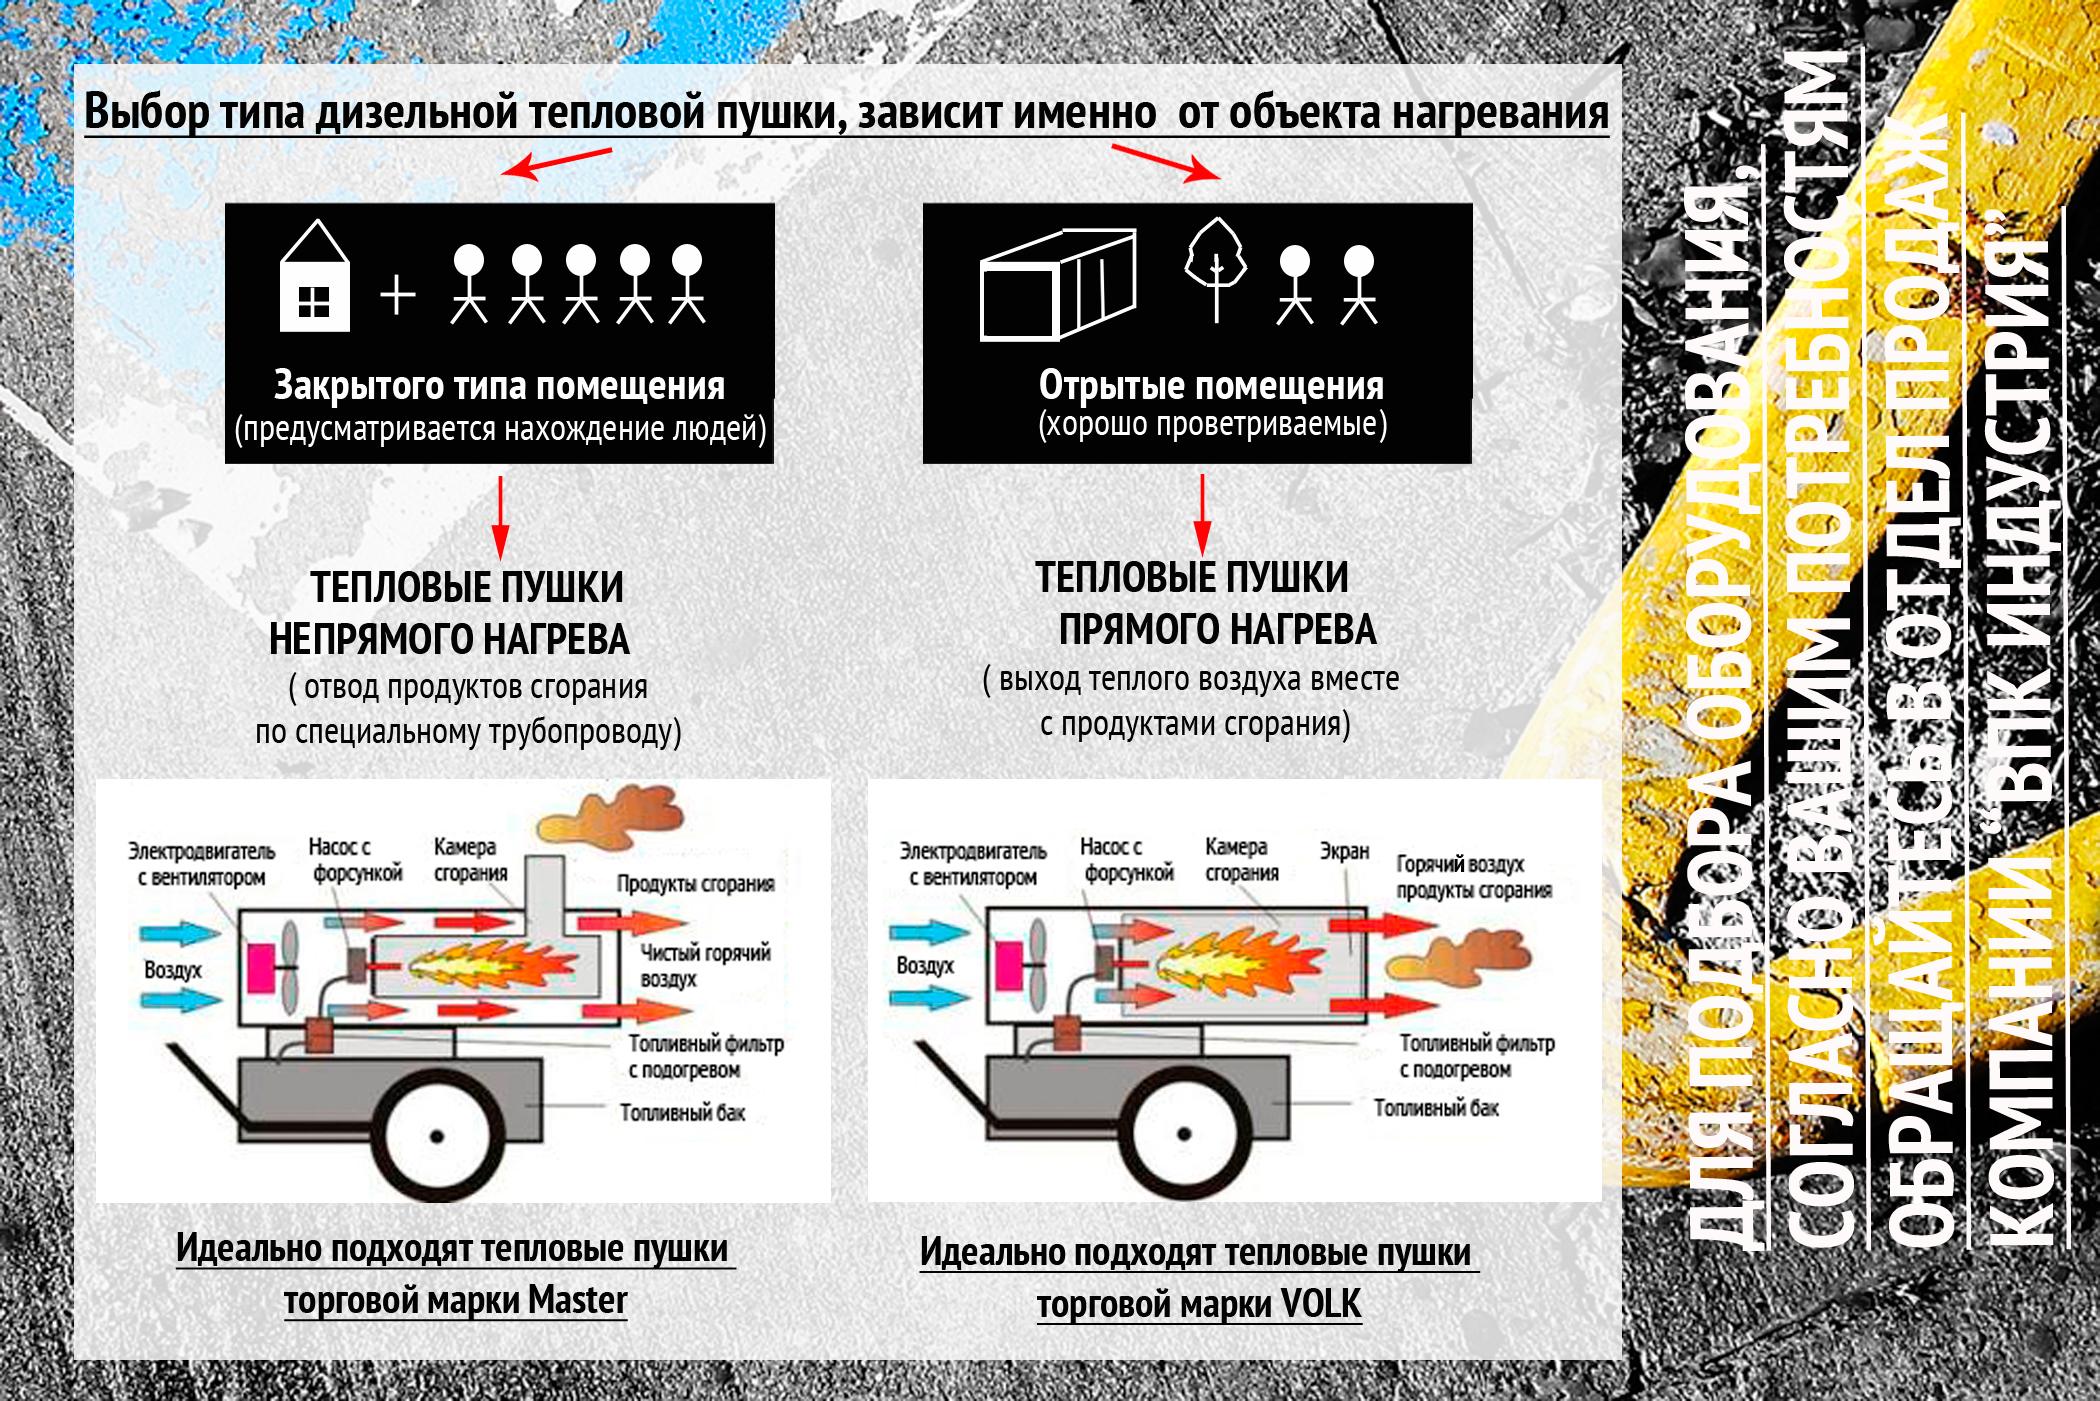 Тепловые керамические пушки: особенности, обзор моделей, критерии выбора